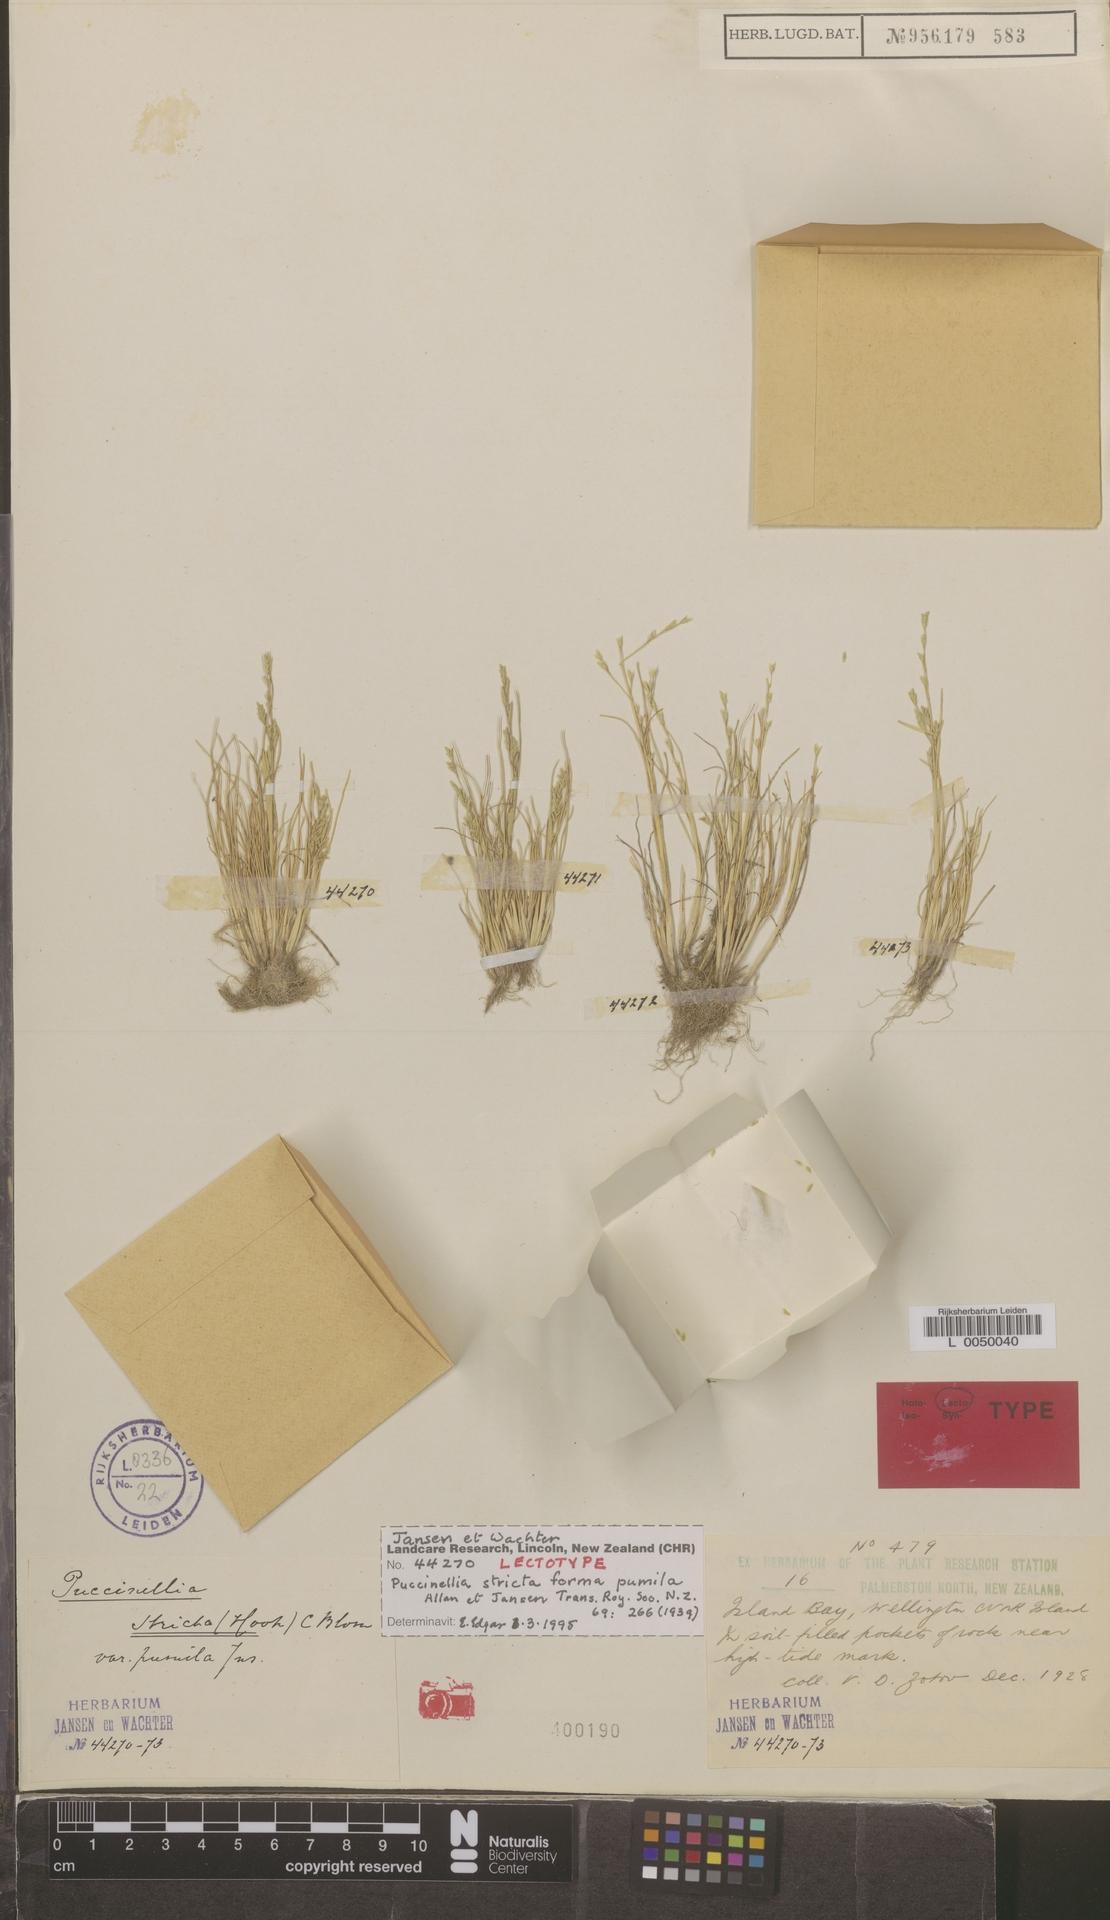 L  0050040 | Puccinellia stricta var. pumila Allan & Jansen